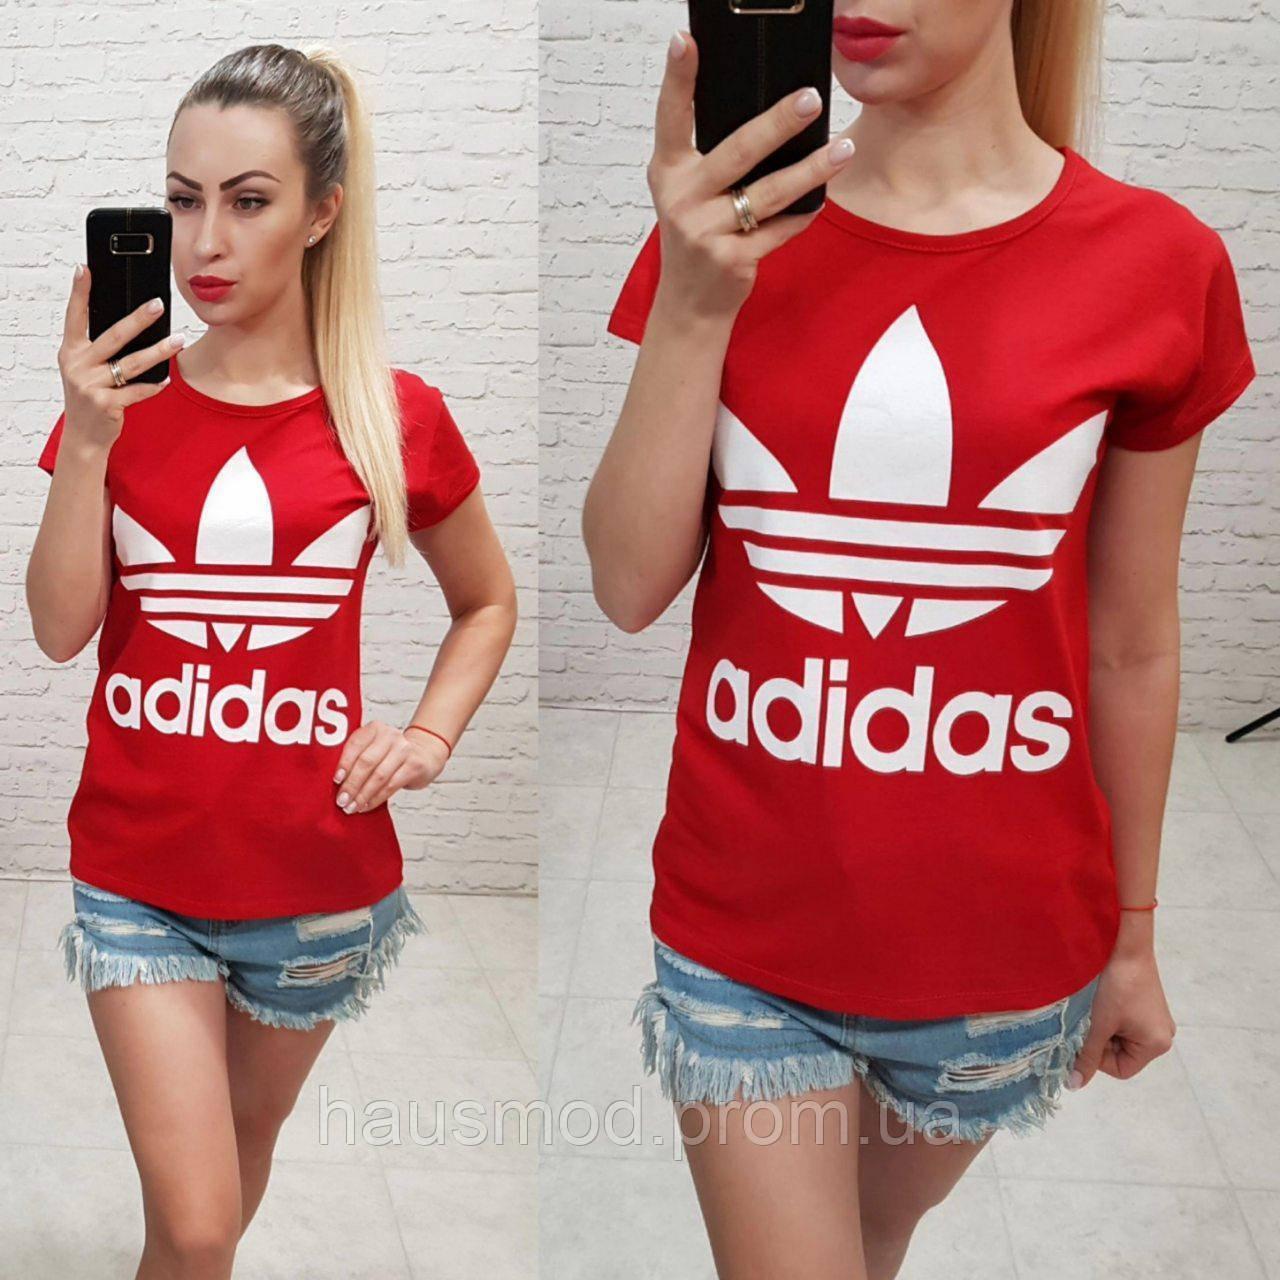 Женская футболка 100% катон реплика Adidas Турция красная